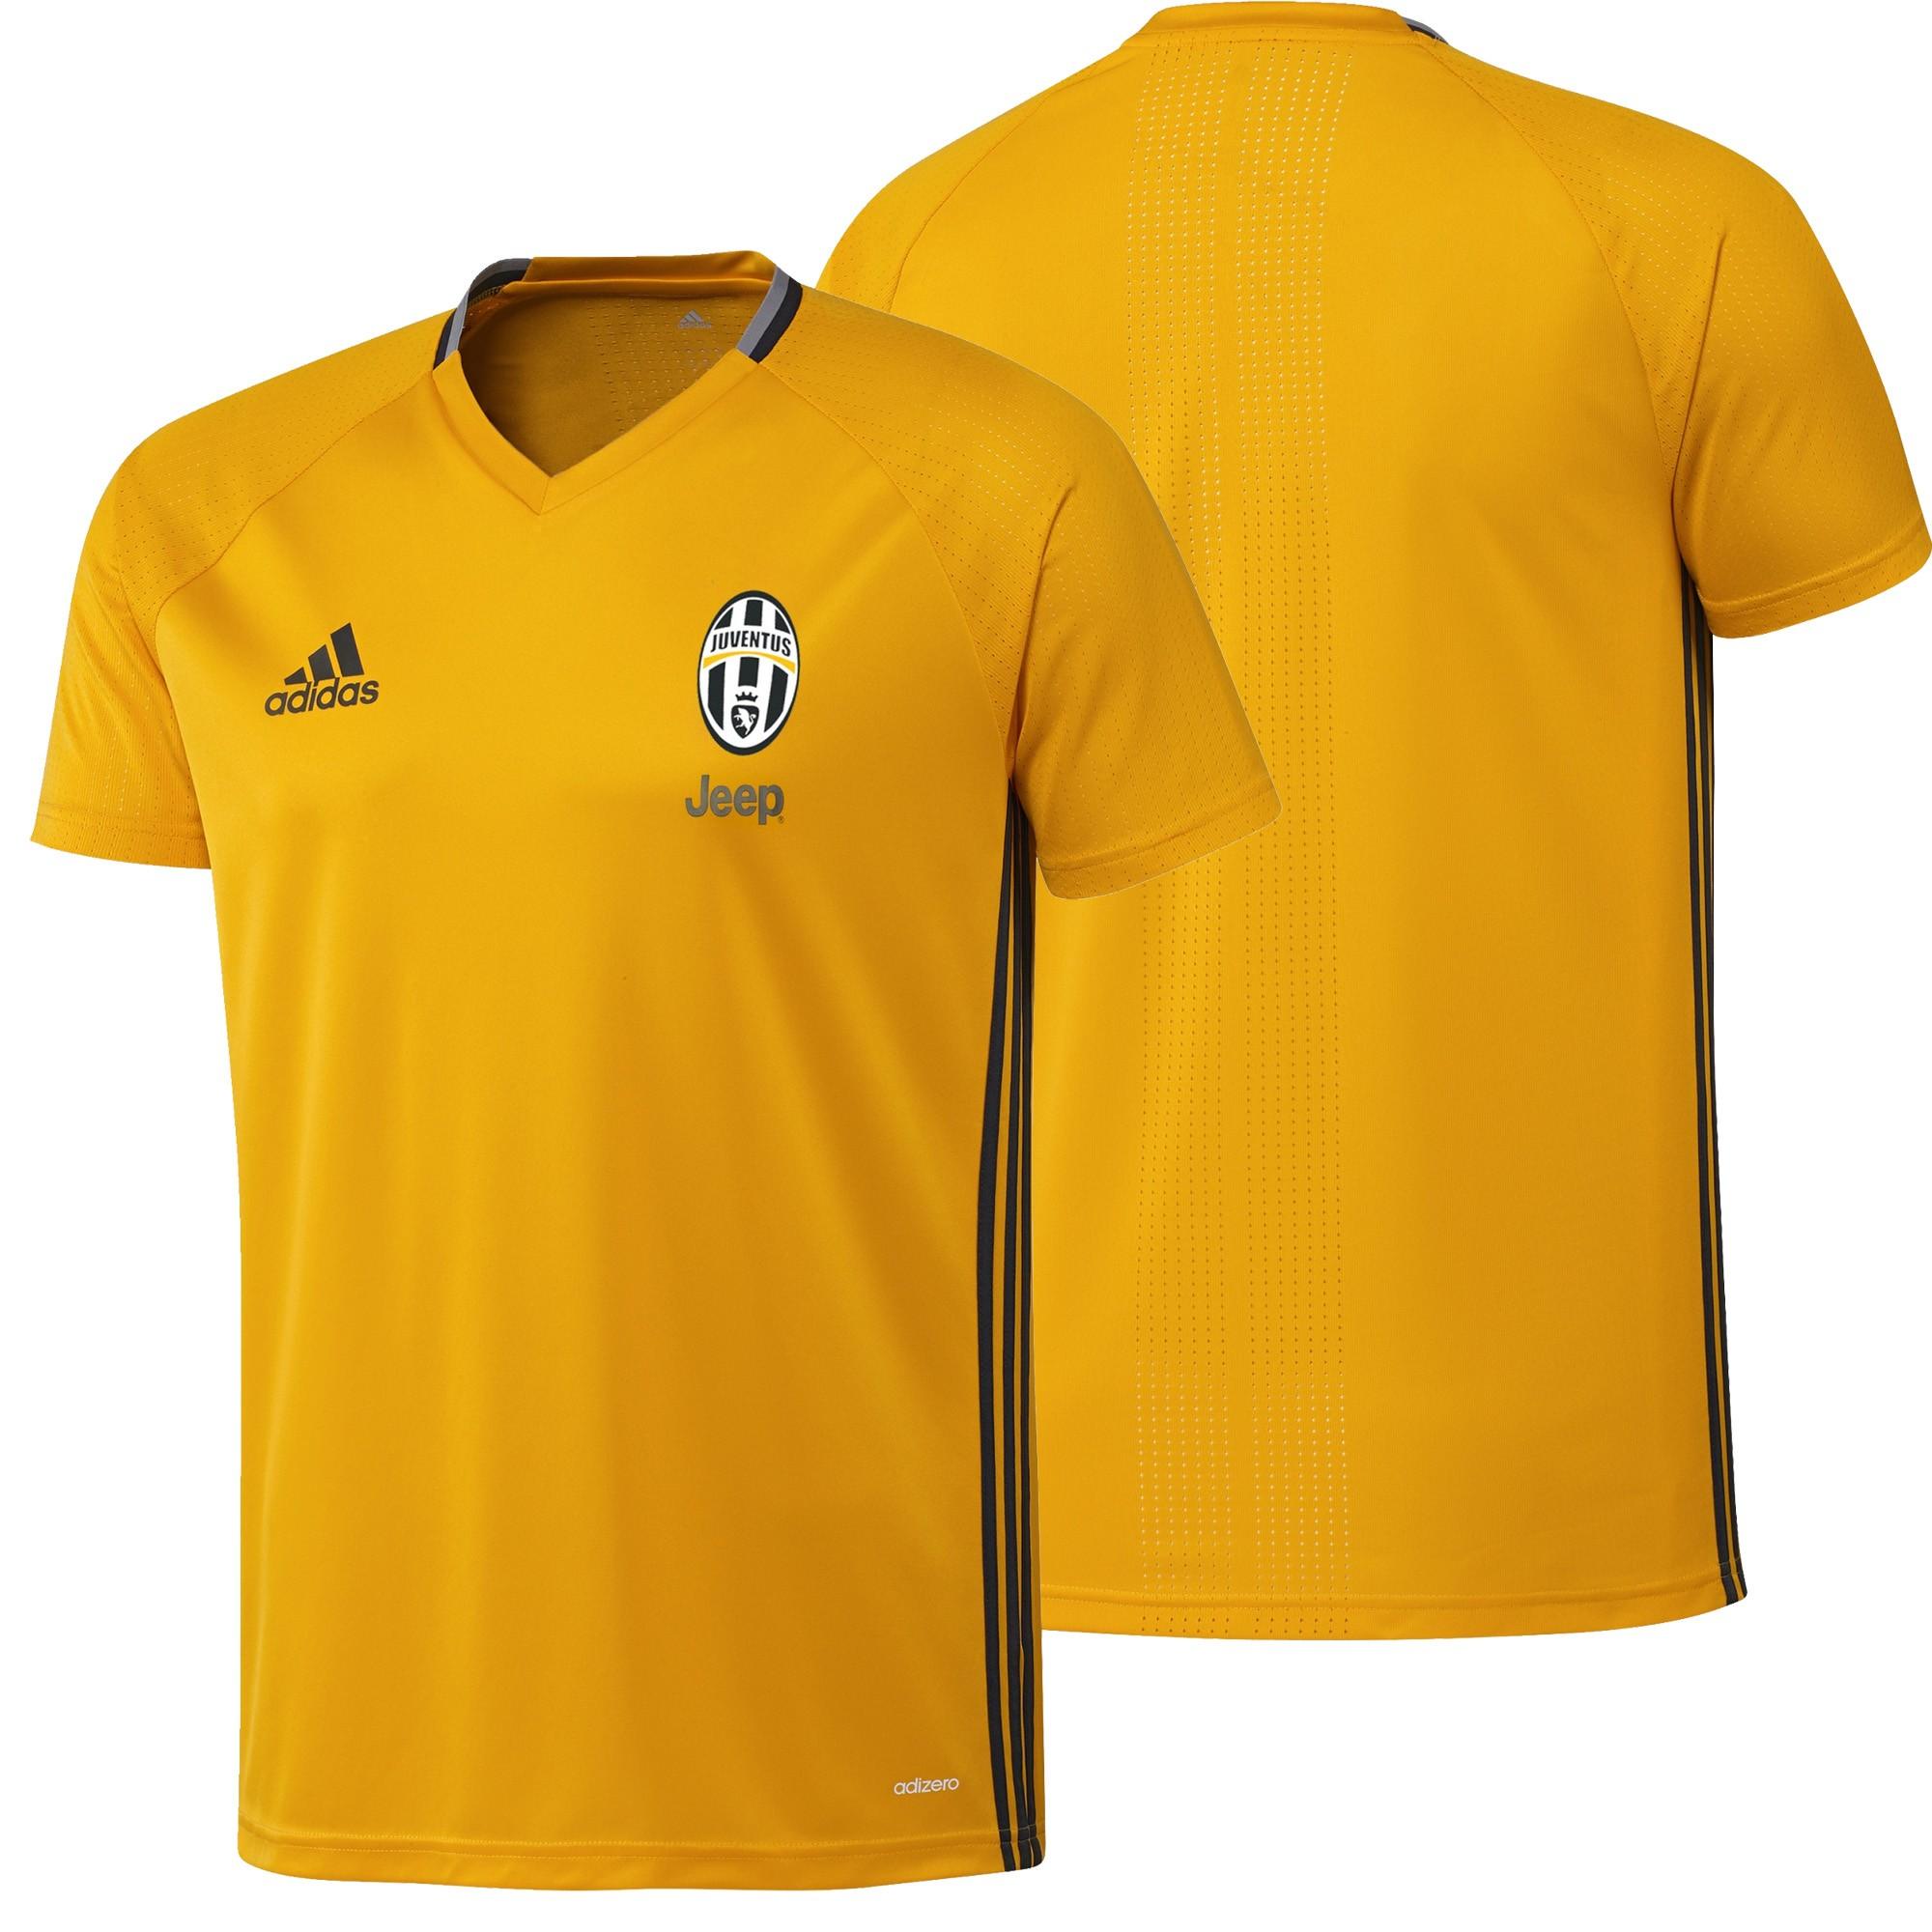 Juventus training jersey yellow 2016/17 Adidas